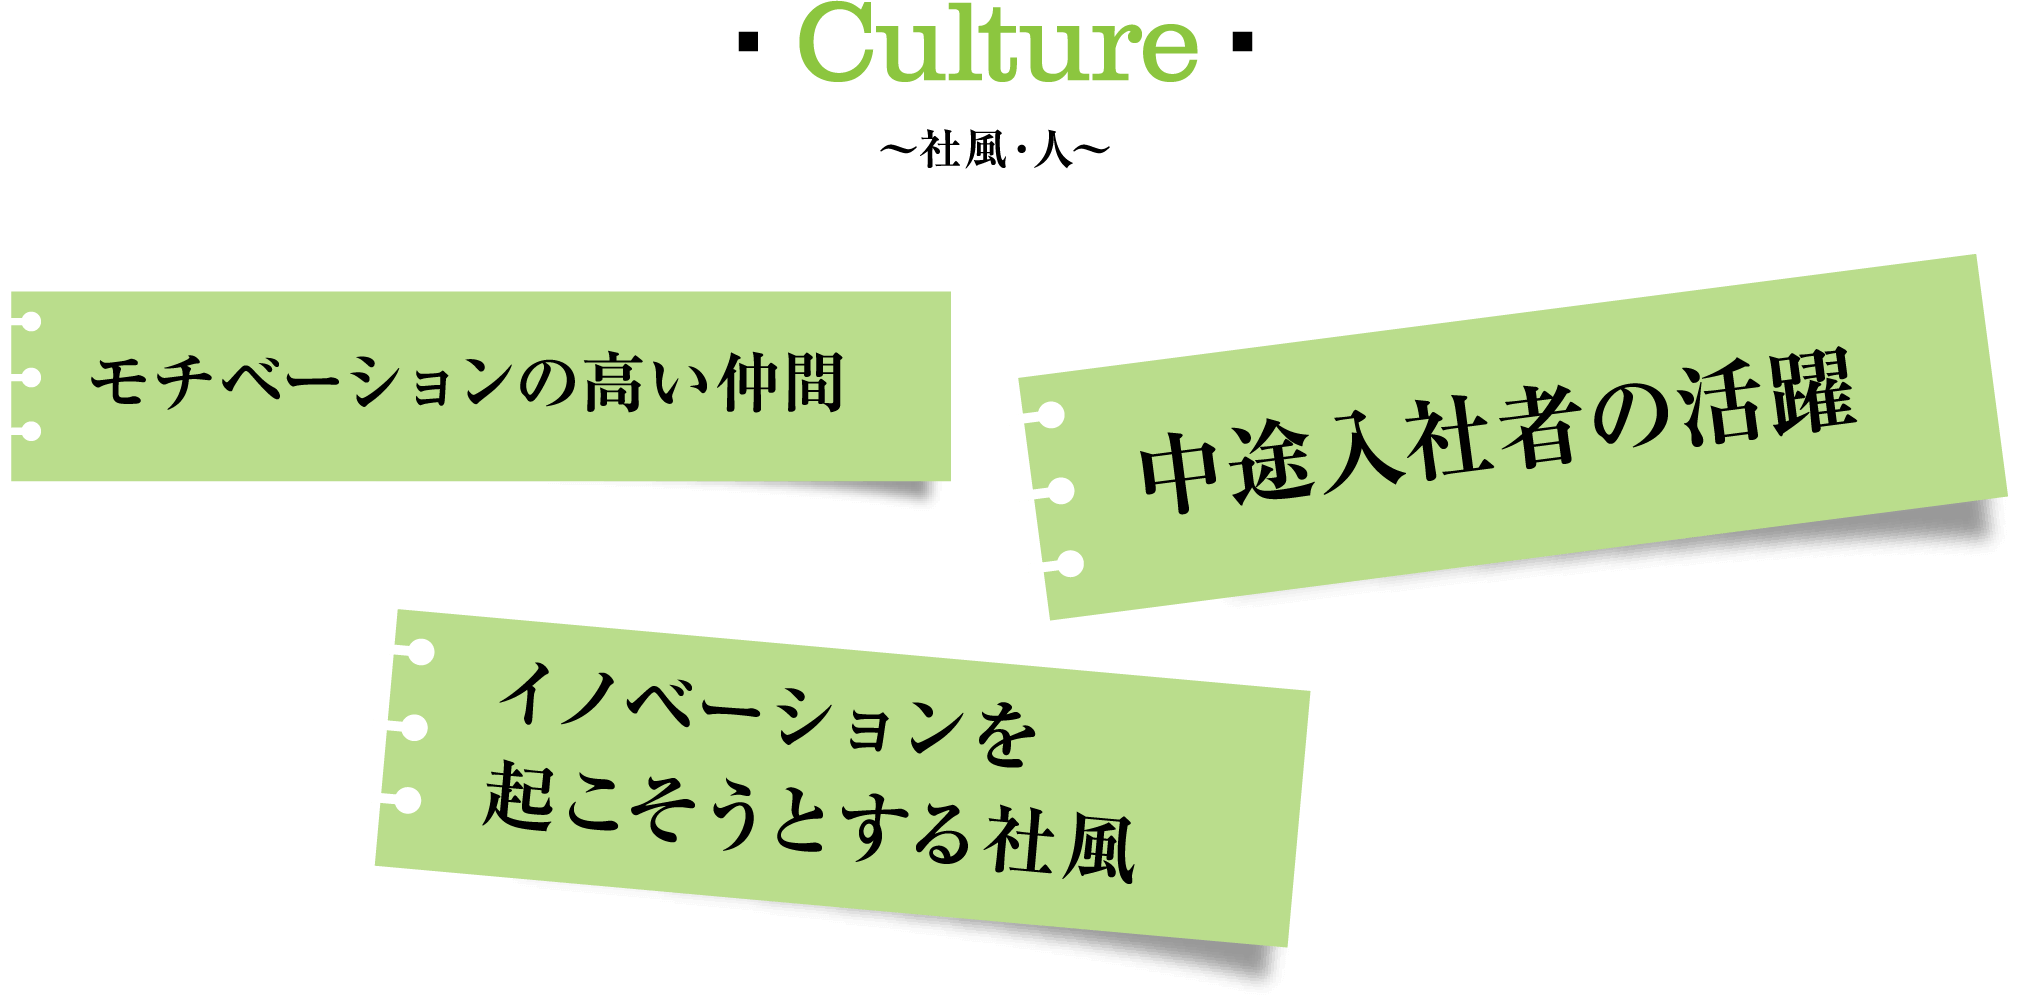 Culture~社風・人~ モチベーションの高い仲間 中途入社者の活躍 イノベーションを起こそうとする社風